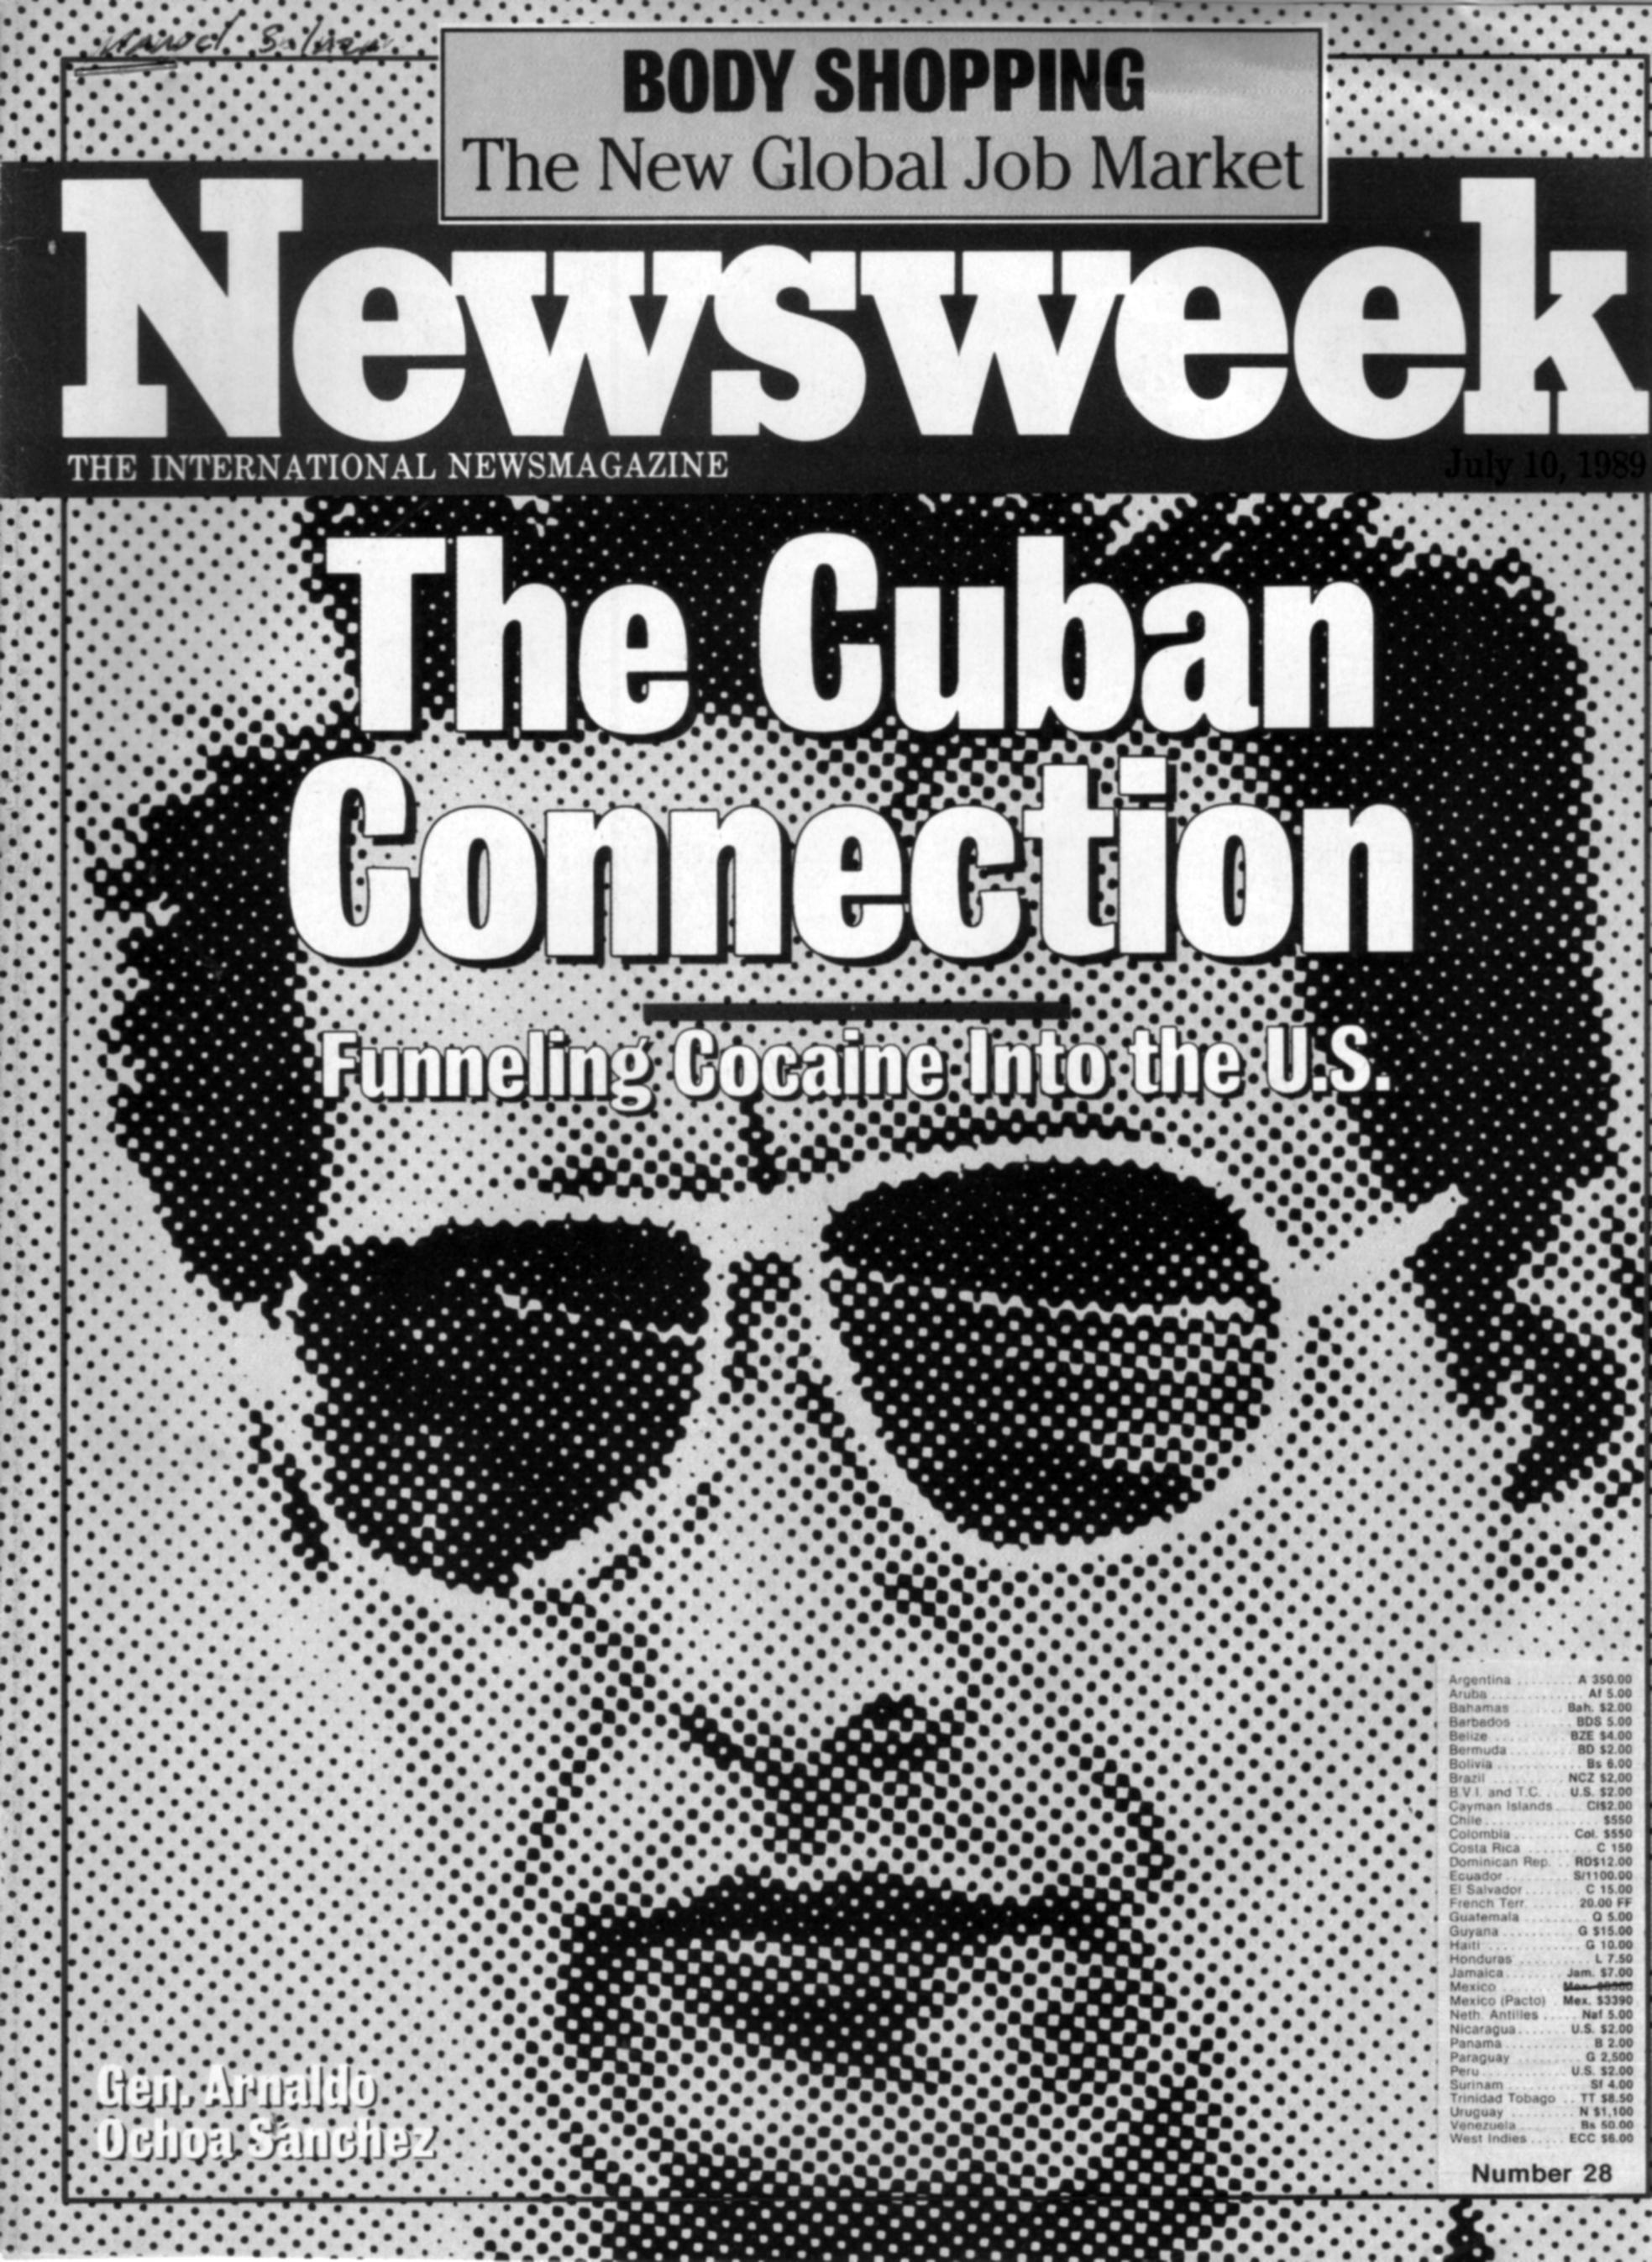 La visión de Newsweek